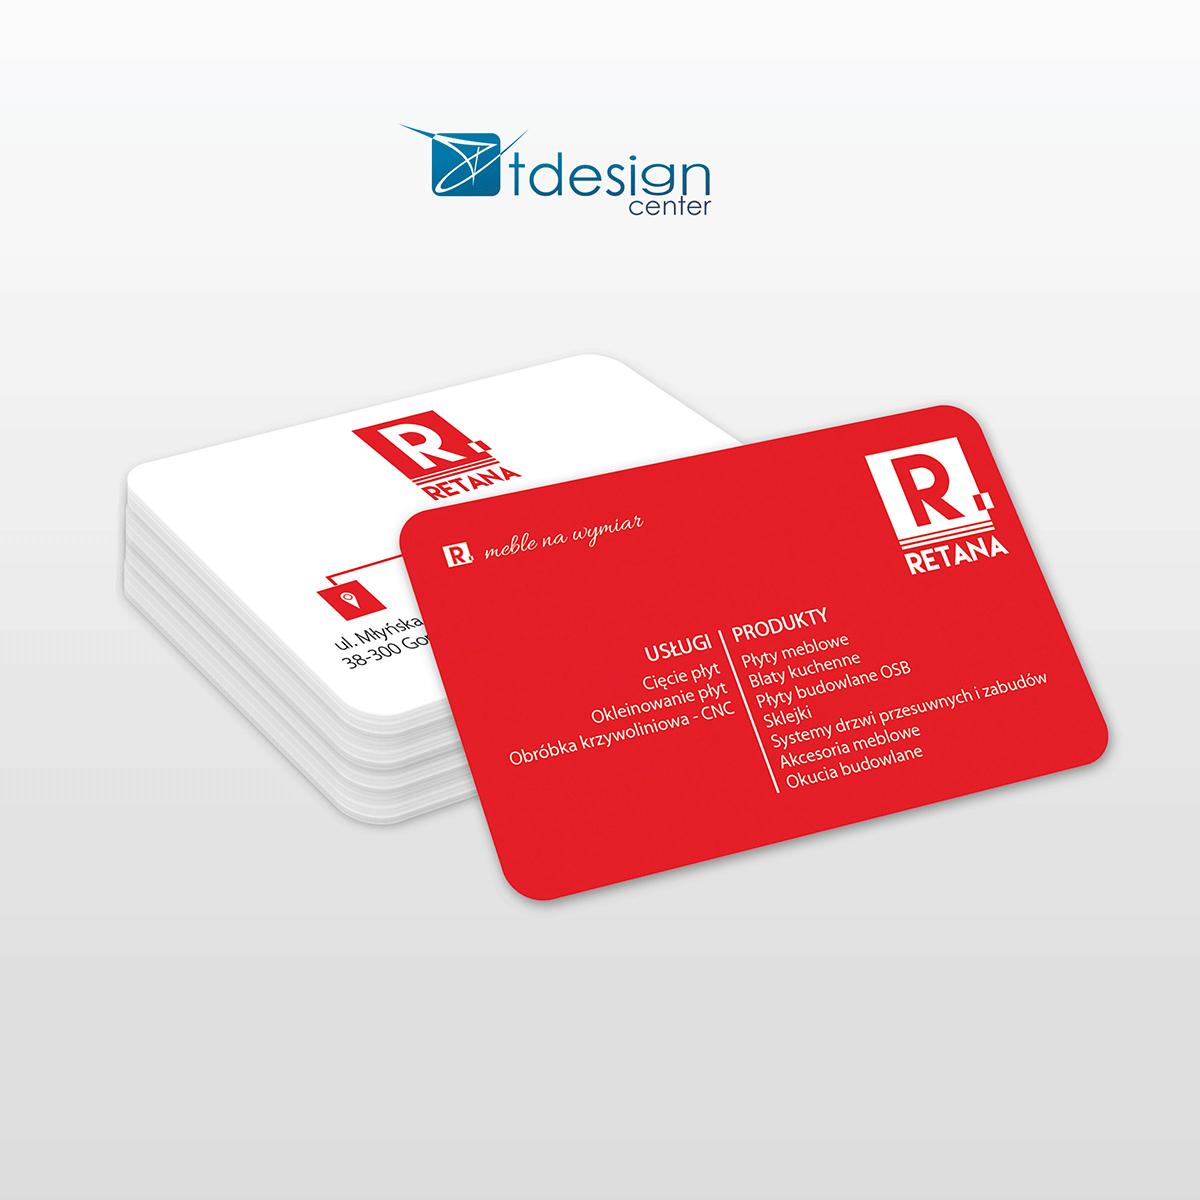 Karta biznesowa 85x54mm, projekt + druk, realizacja dla firmy Retana